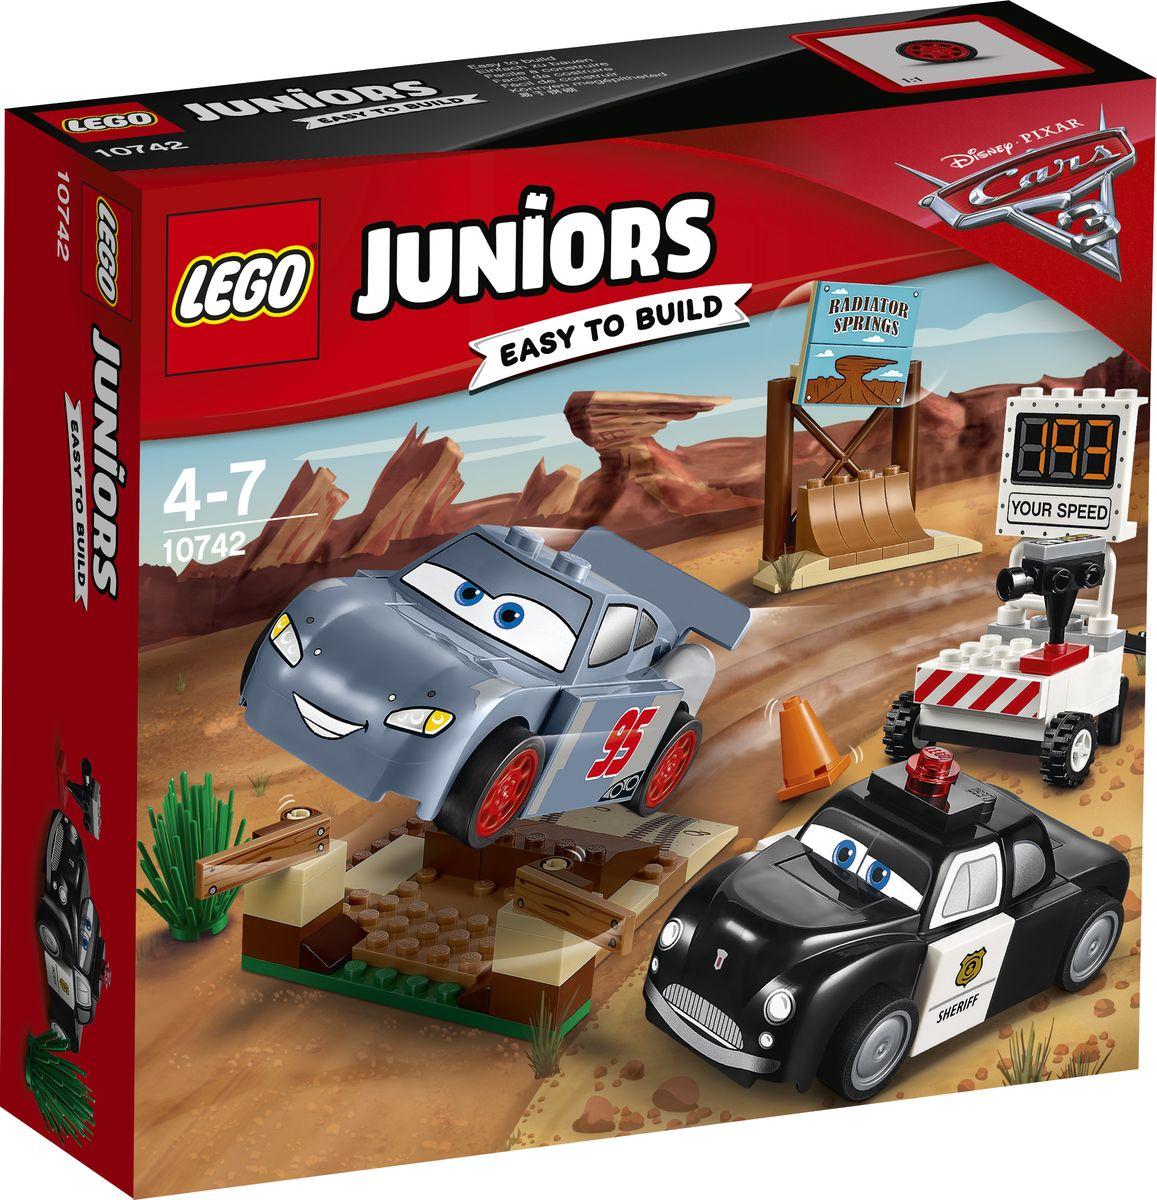 LEGO Juniors Конструктор Тренировочный полигон Вилли Бутта 10742 lego juniors конструктор финальная гонка флорида 500 10745